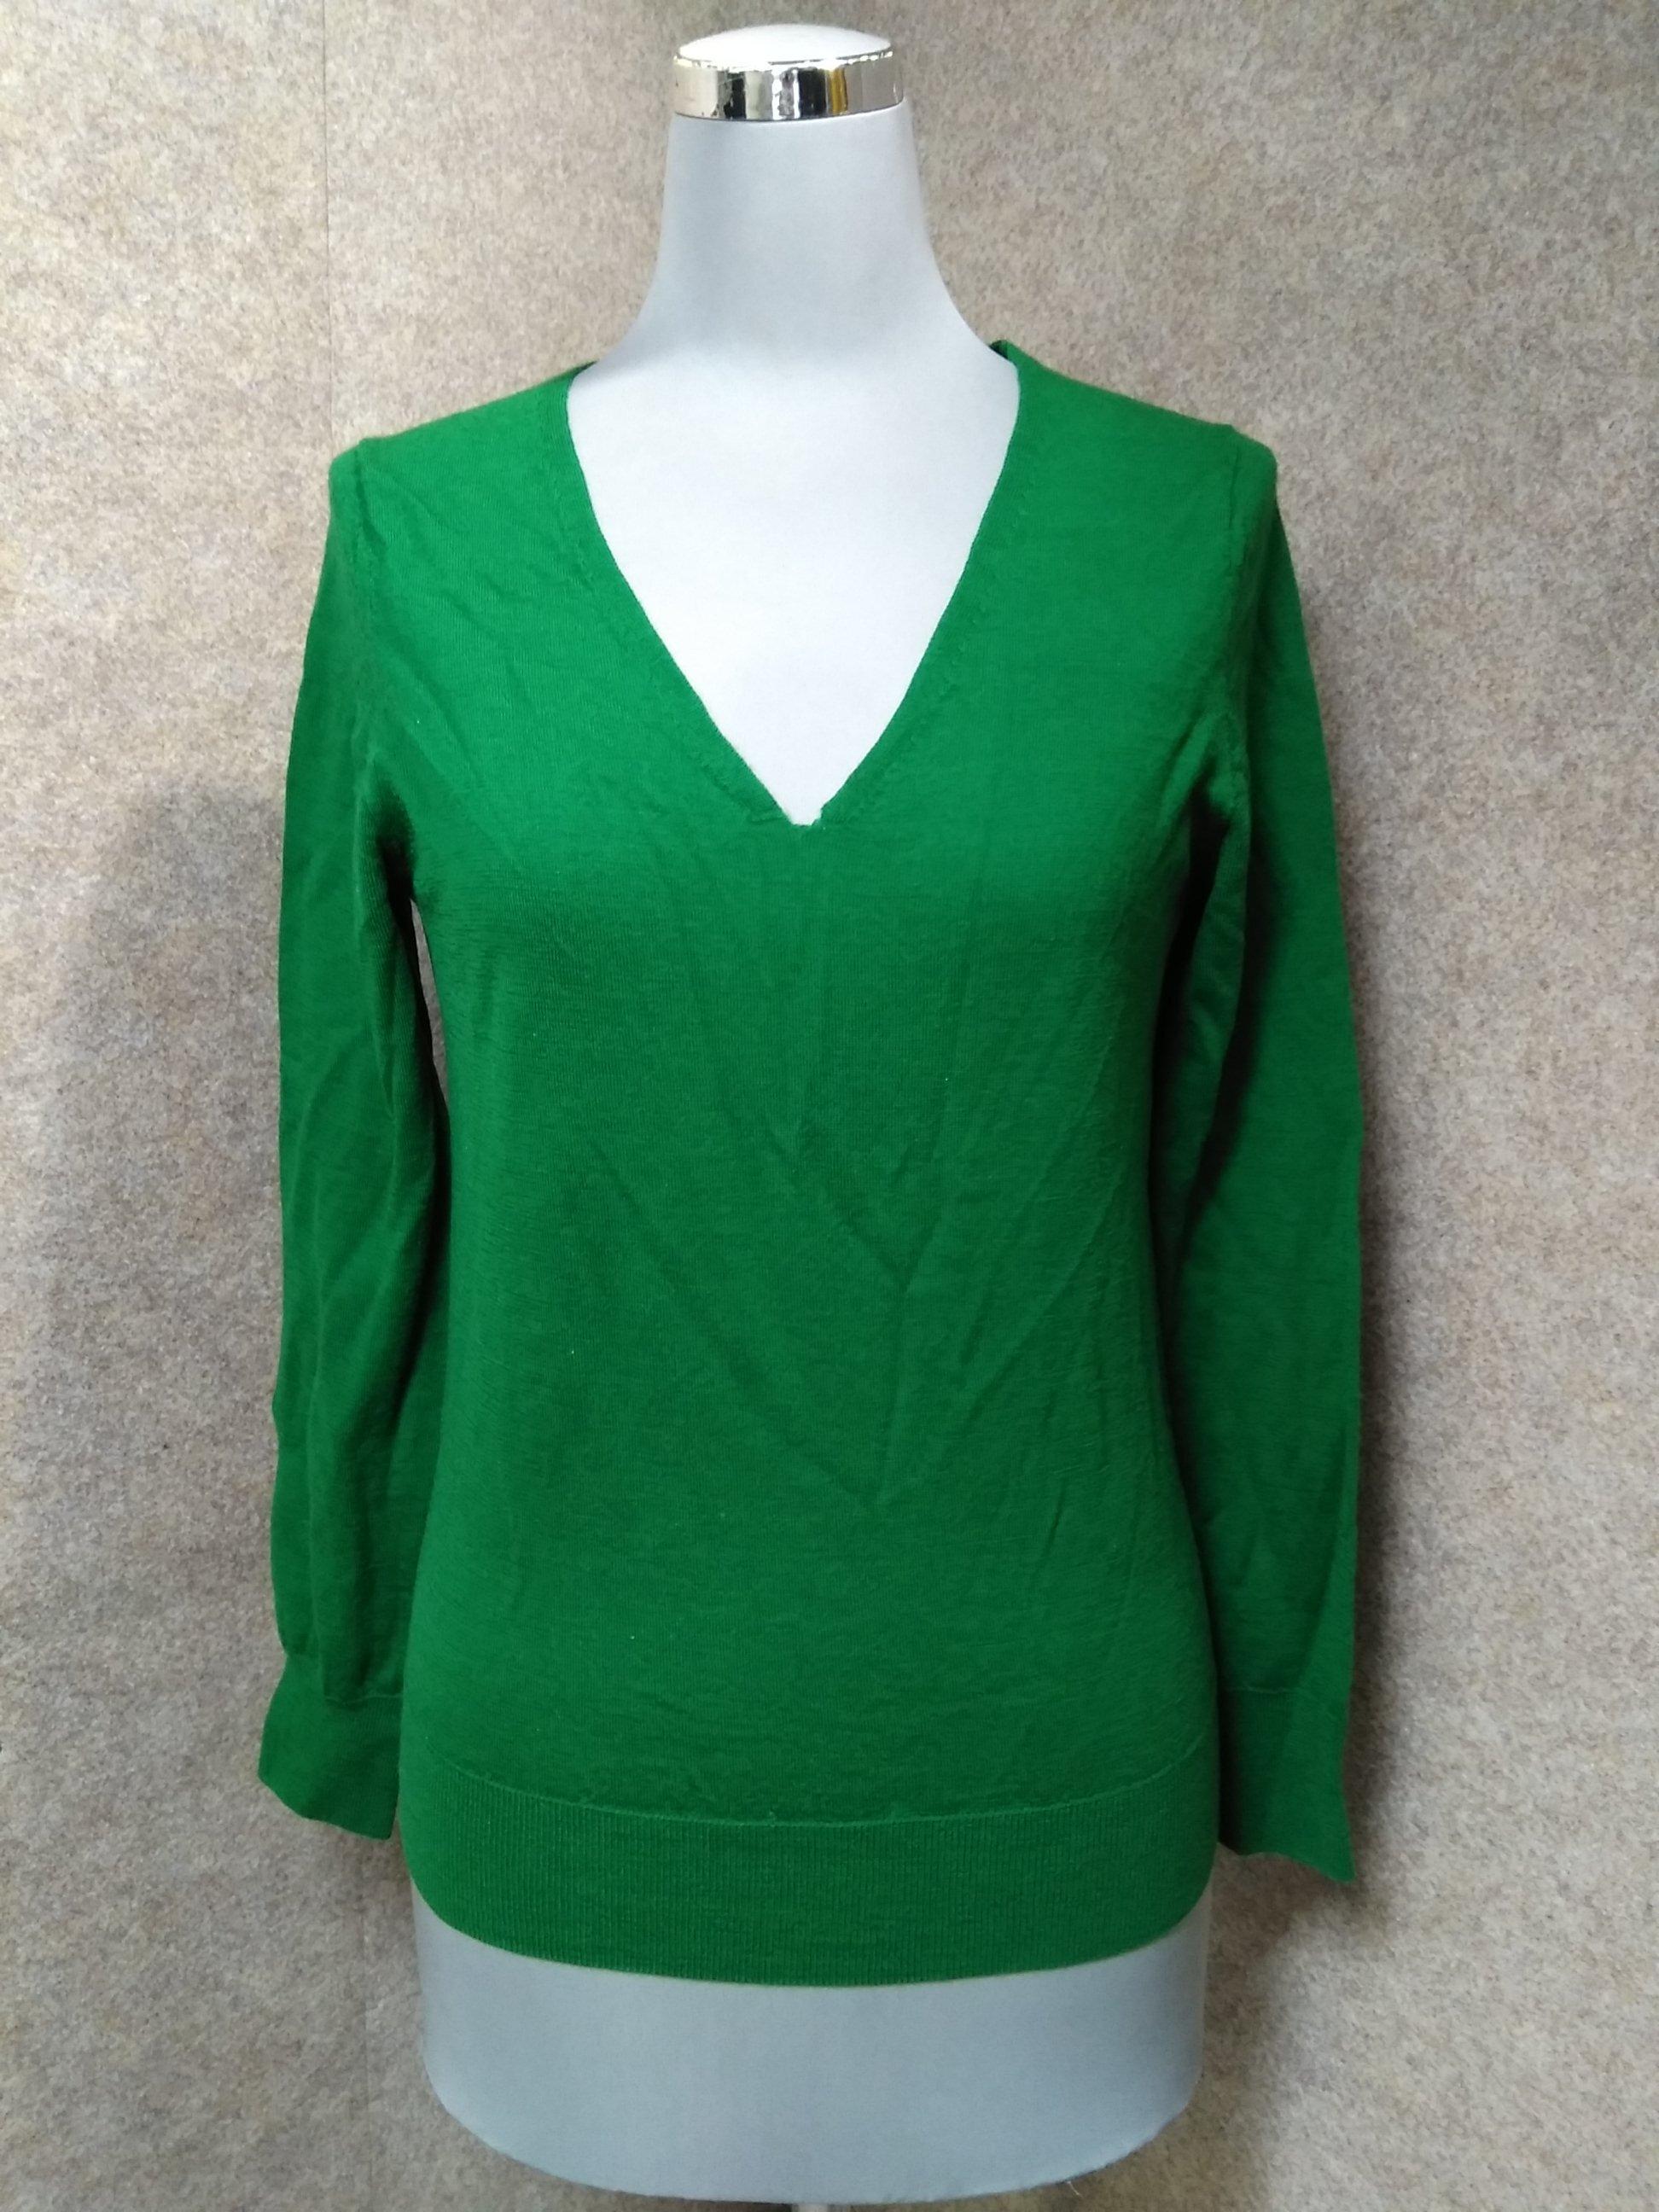 シップス SHIPS Vネック セーター 薄手 ニット M 緑 mu384s